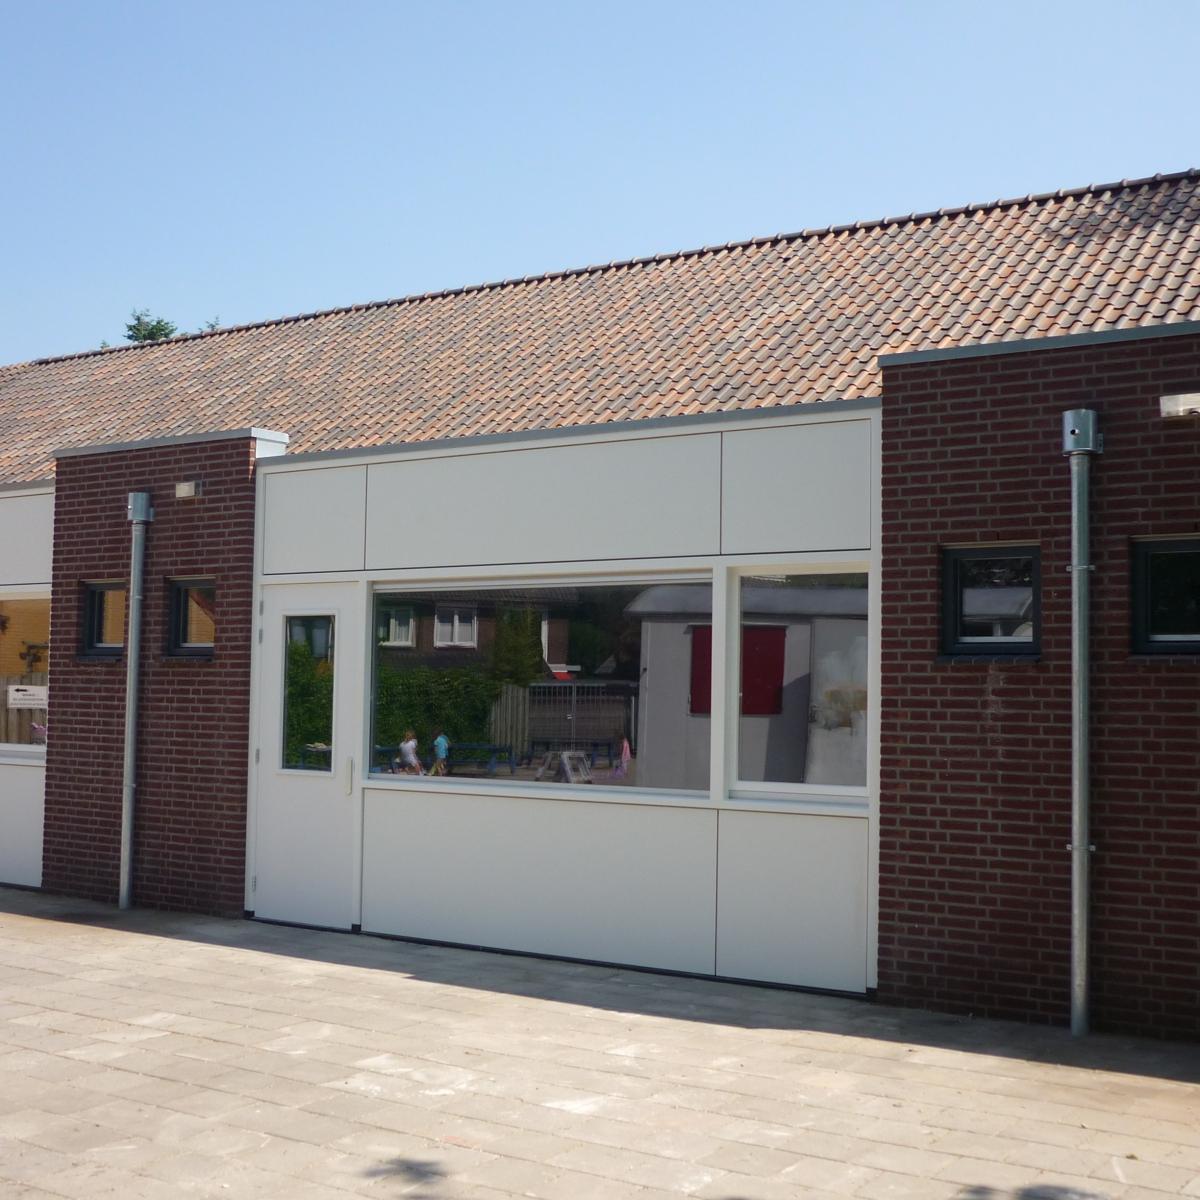 Aanbouw en verbouw PCBS De Korenaar BSO te Apeldoorn | MulderBV